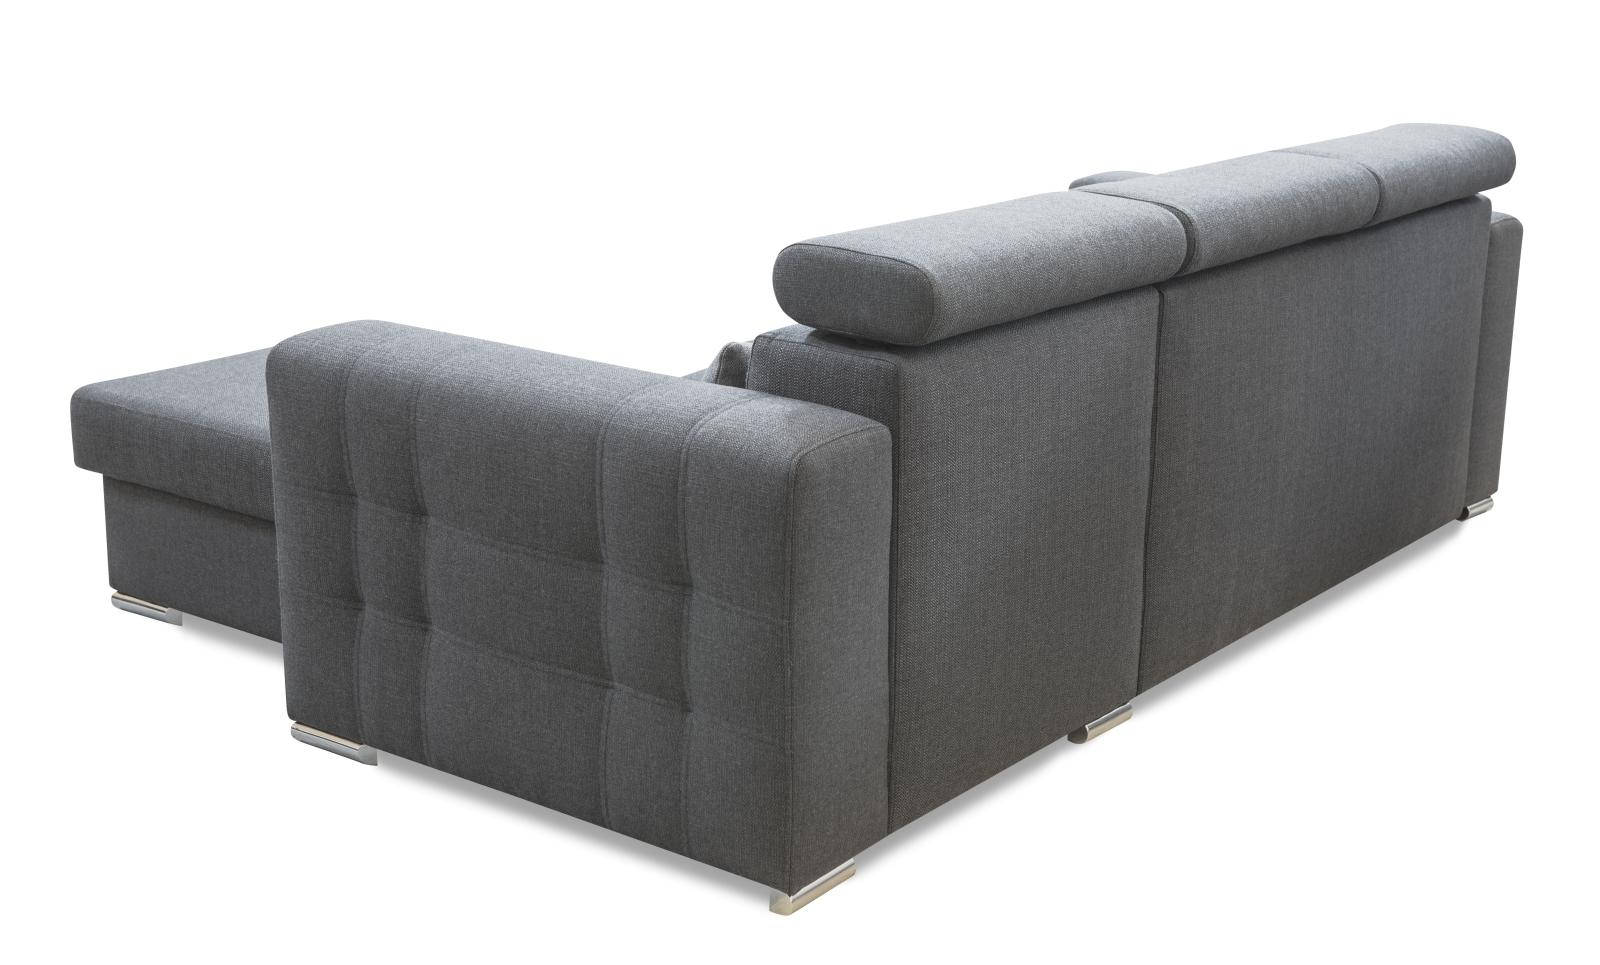 modernes ecksofa maggio mit schlaffunktion bettkasten. Black Bedroom Furniture Sets. Home Design Ideas